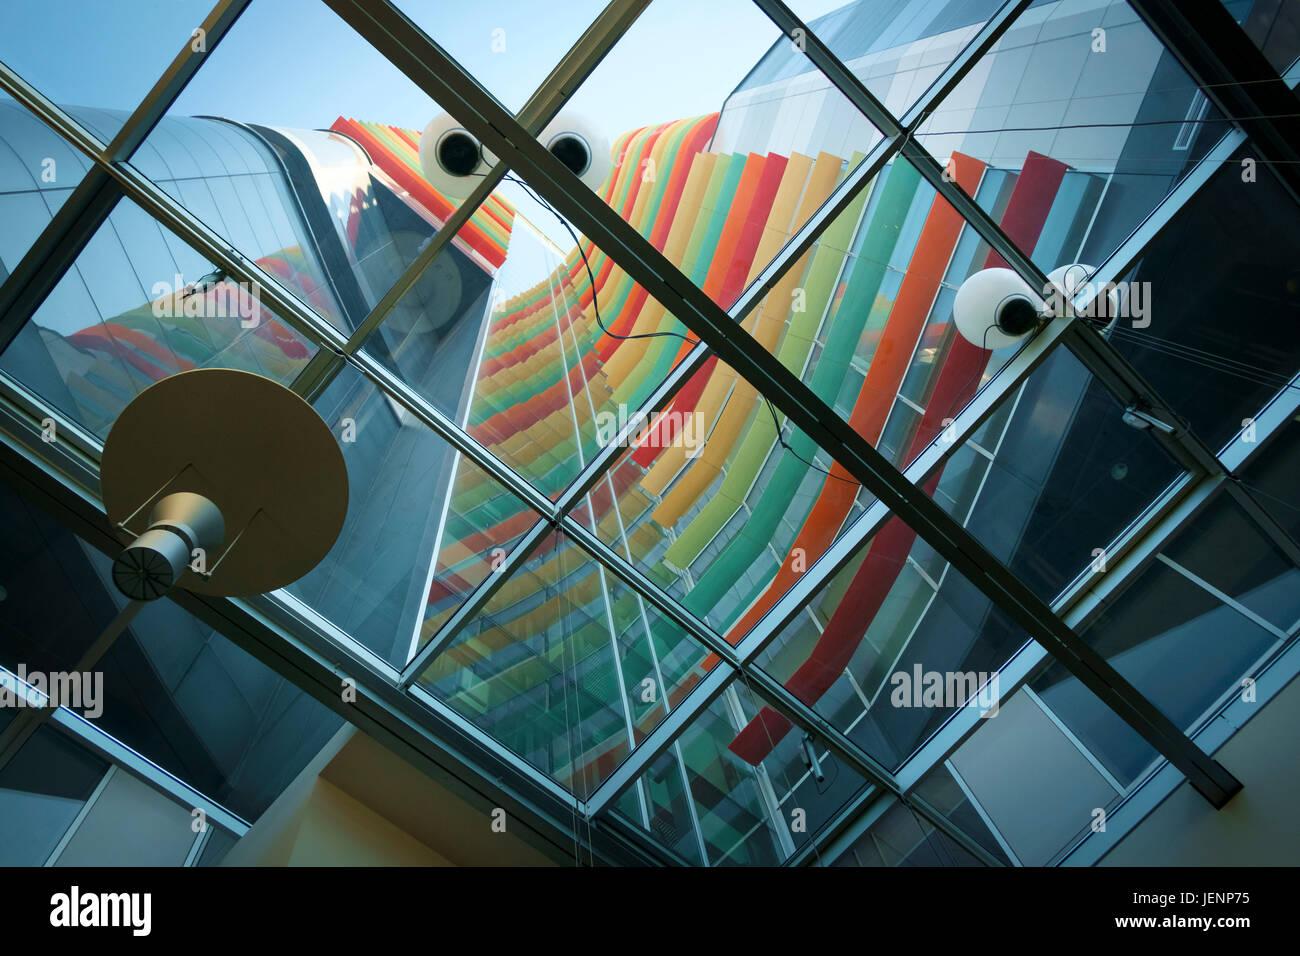 Die atemberaubende Architektur aus Glas und Stahl der Münze Department Store, eines der modernsten Gebäude Stockbild